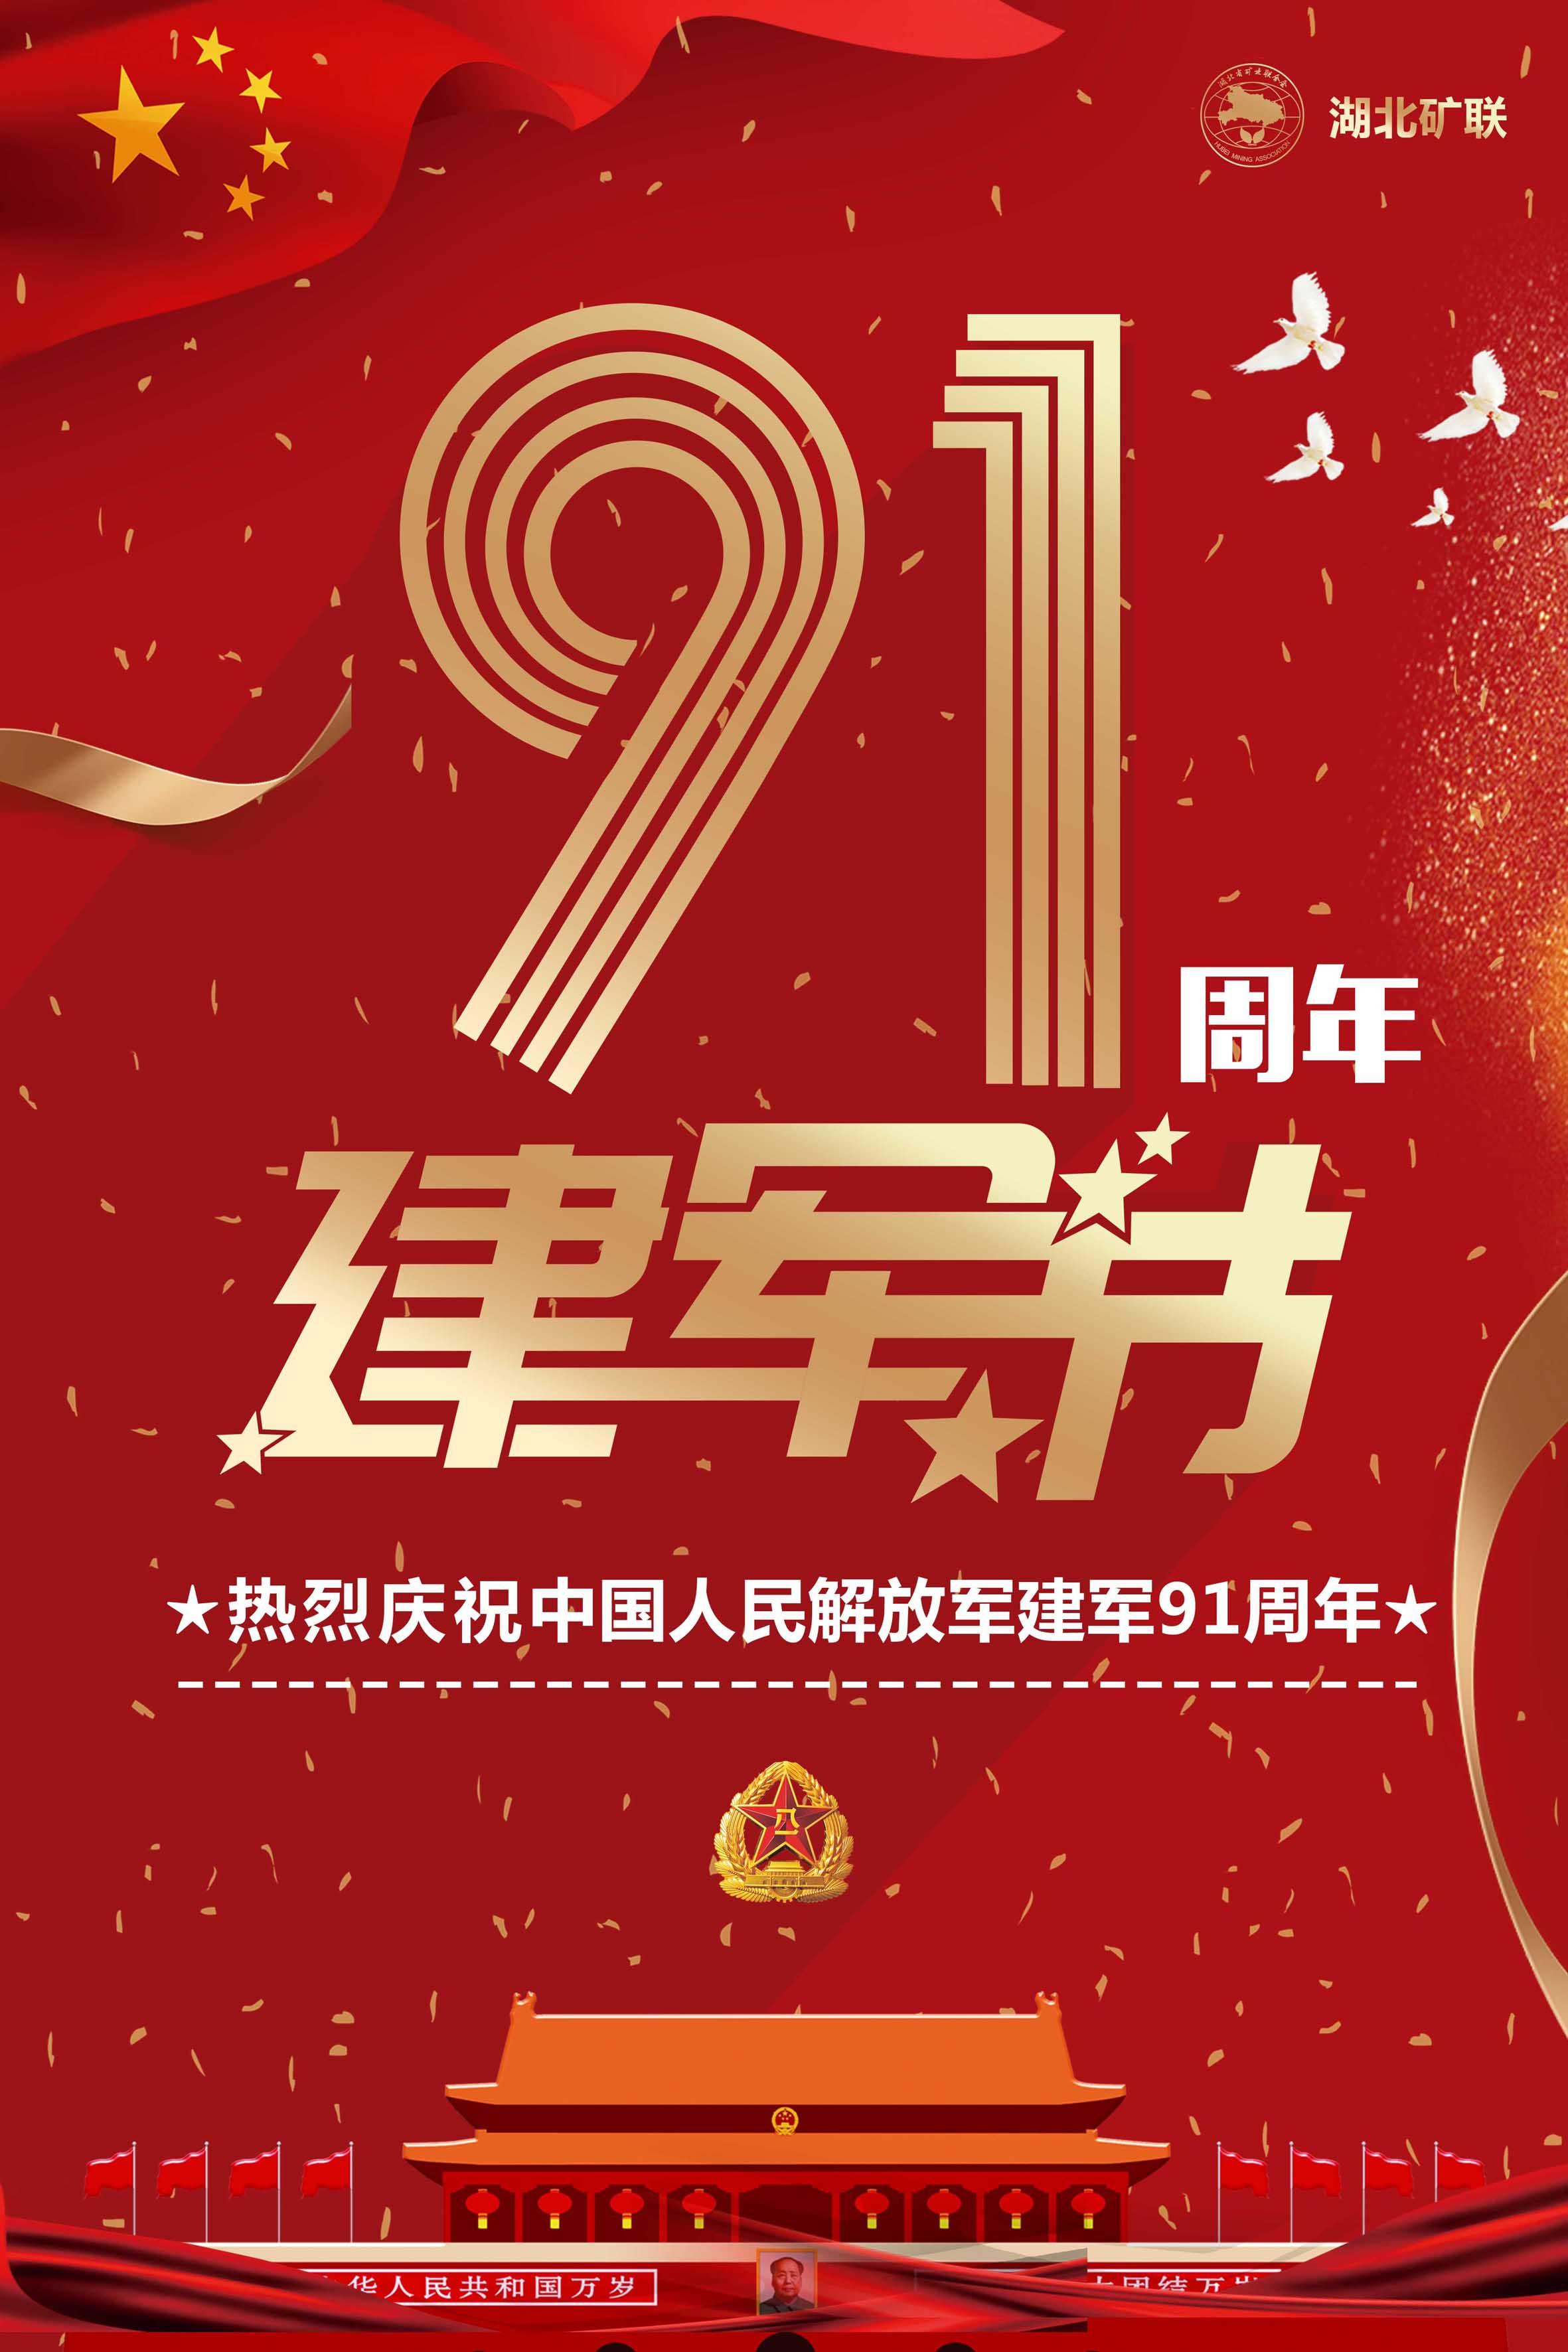 热烈庆祝中国人民解放军建军91周年!